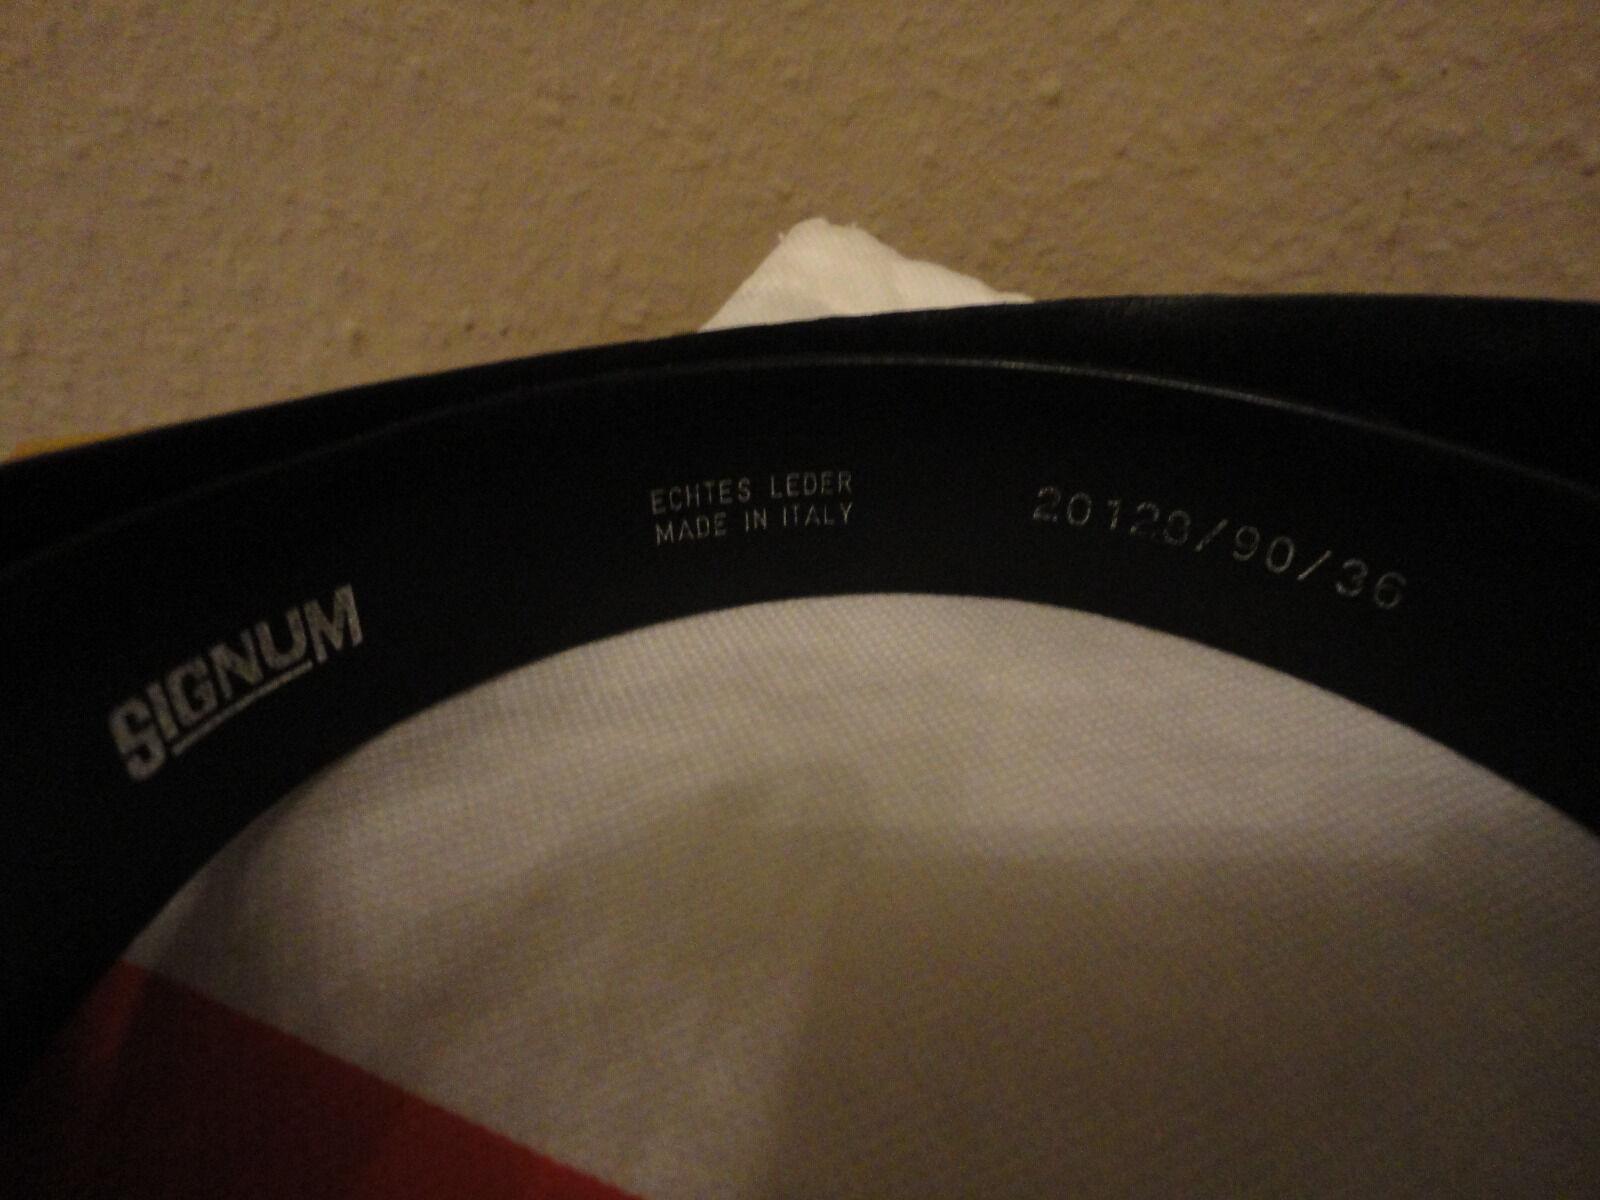 'Signum'' GÜRTEL, Echt Leder, Orig. Made in Italien. Herren Gr.90 NP 69,- TOP